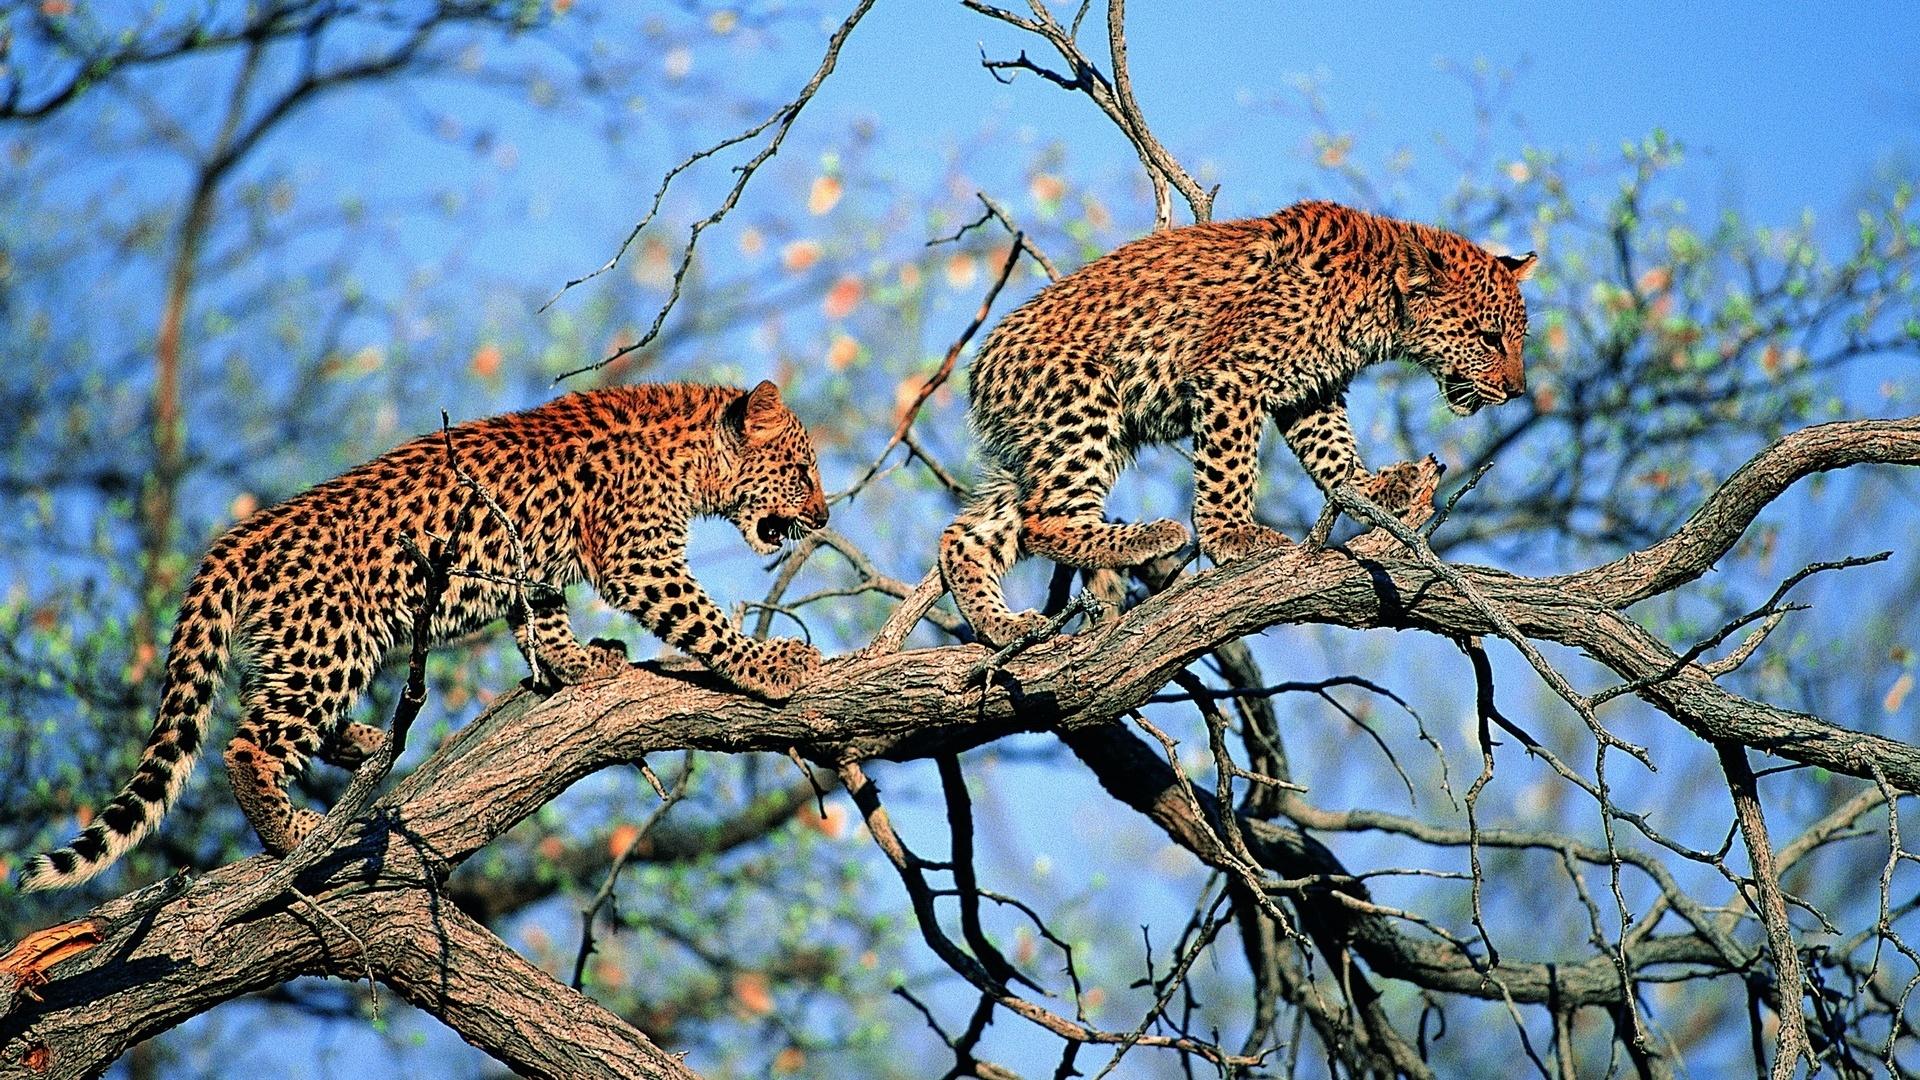 Papéis de parede da árvore, filhotes de leopardo rosnando, Animais